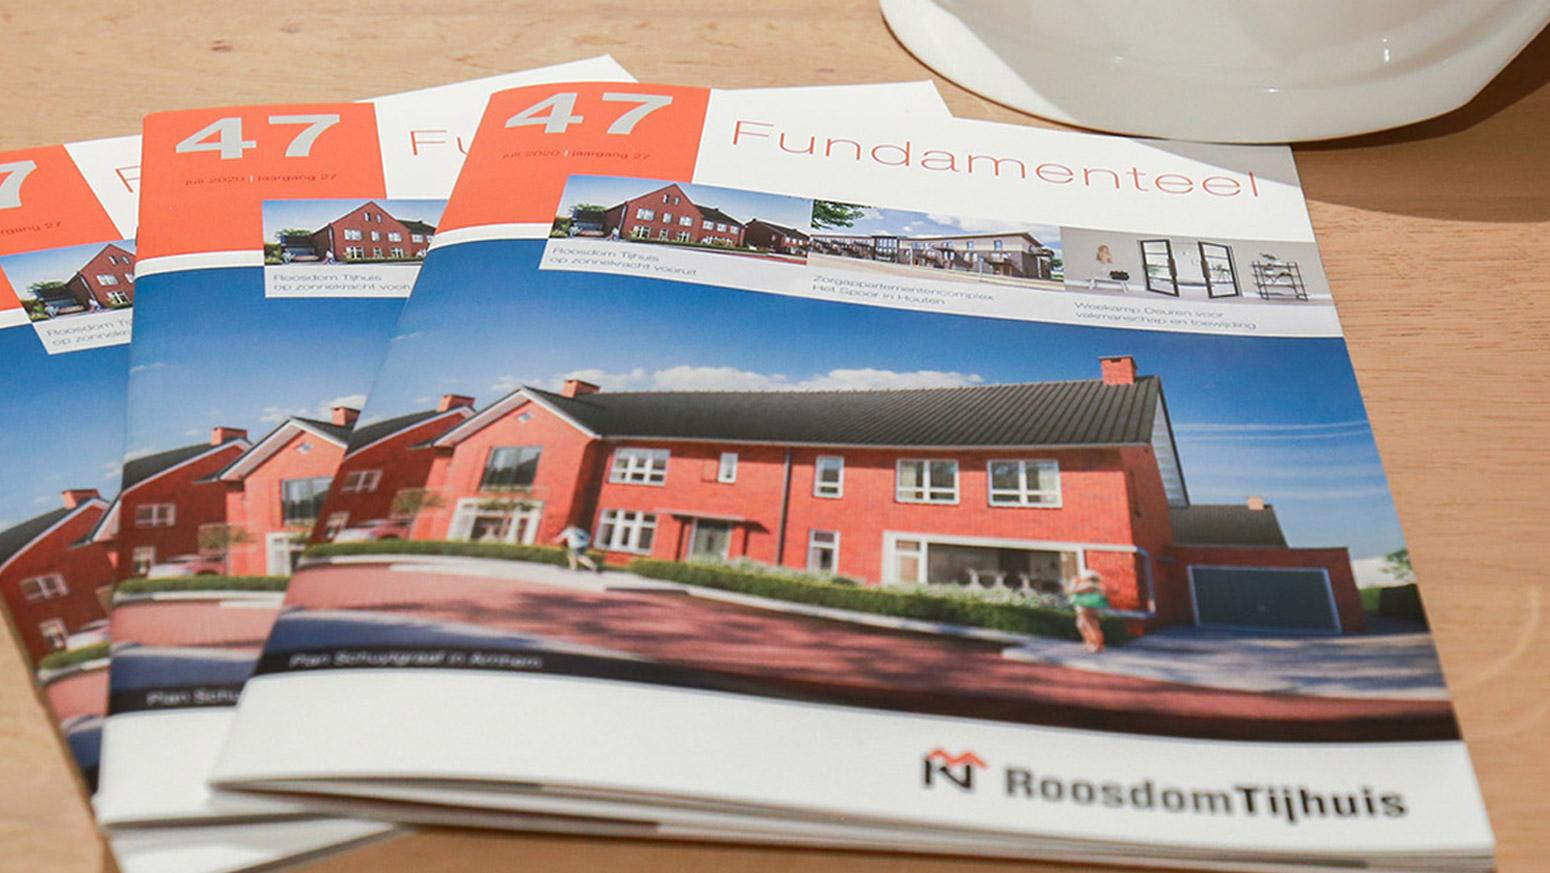 Tijdschrift van Roosdom Tijhuis Rijssen